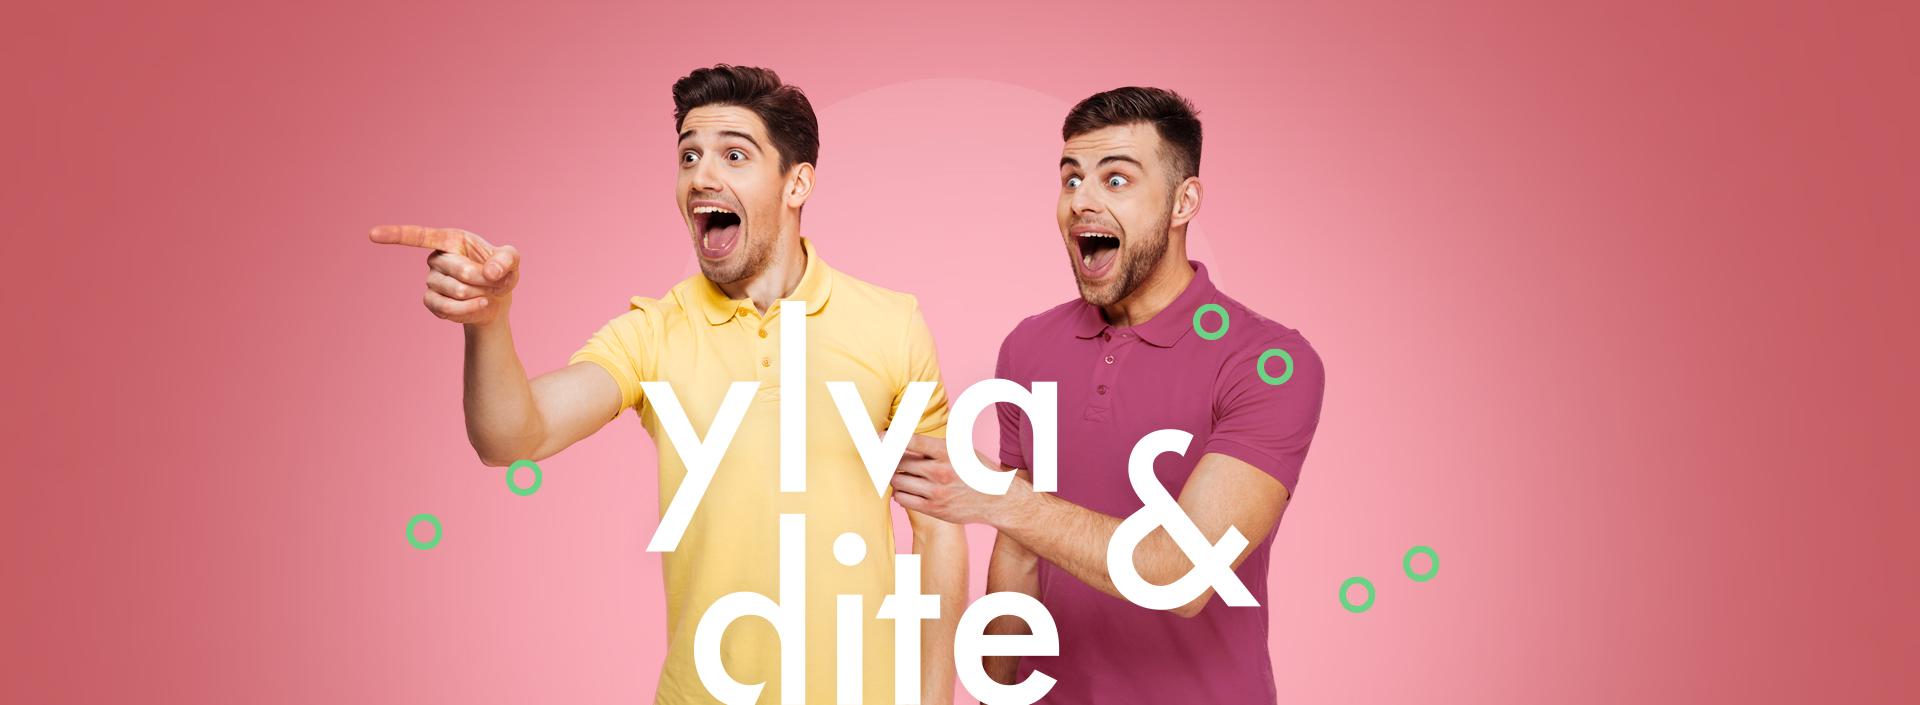 Ylva & Dite